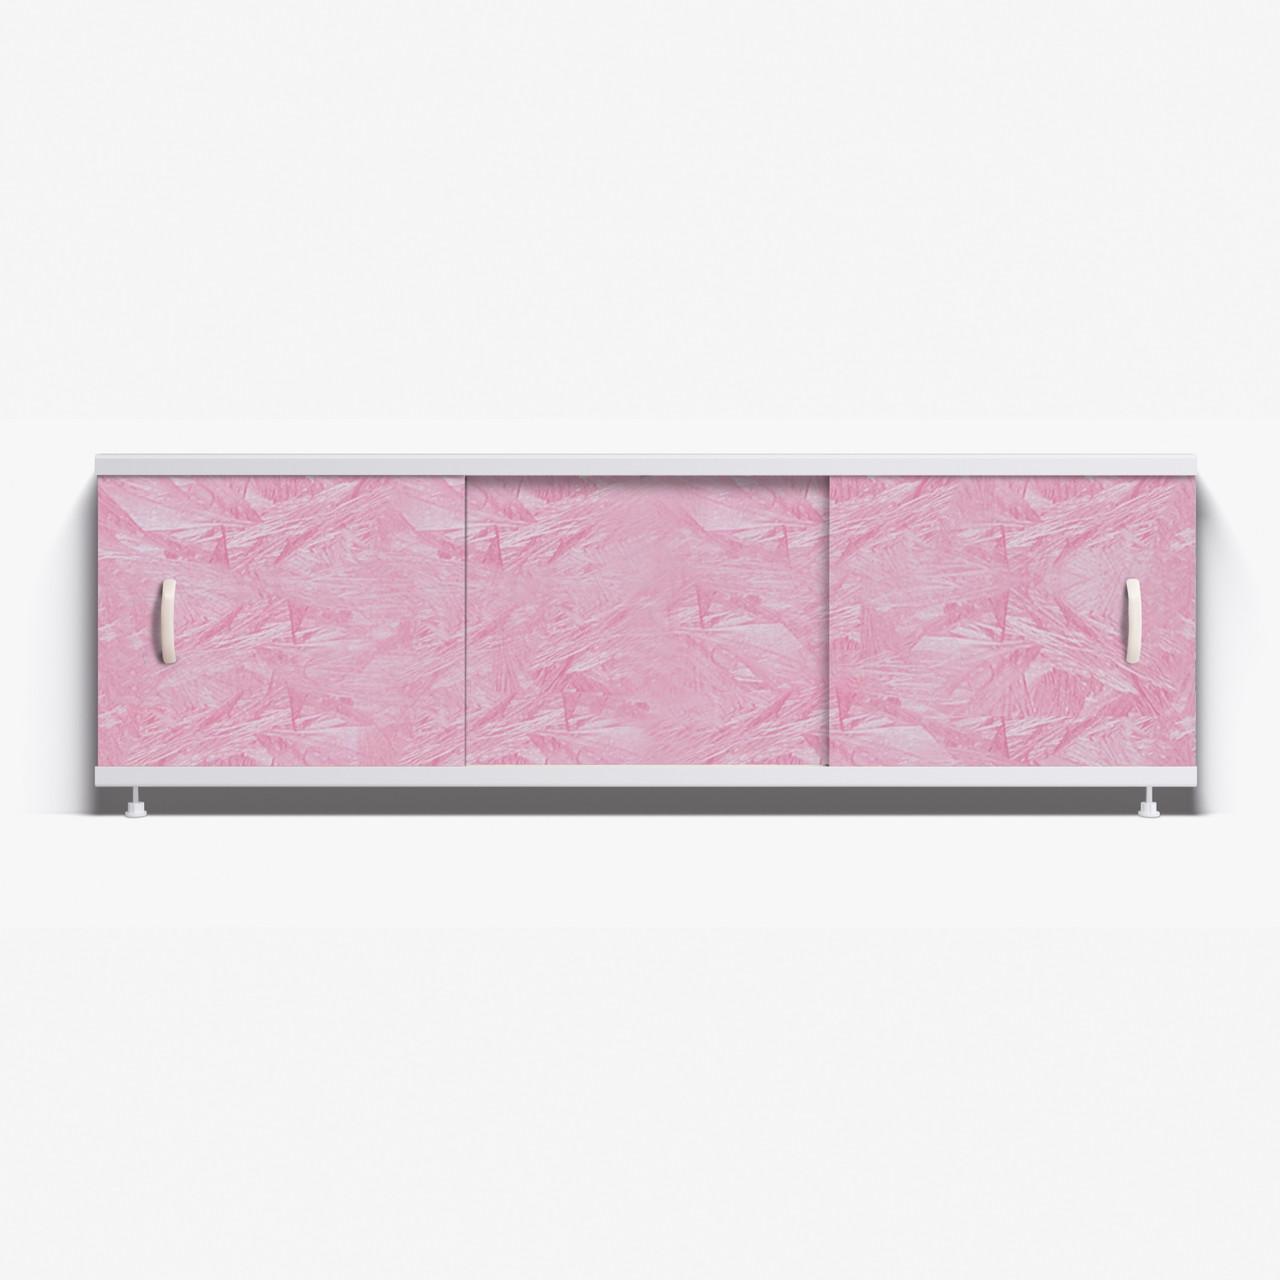 Панель для ванны Alavann Престиж 1.7 м  //  37 розовый мороз